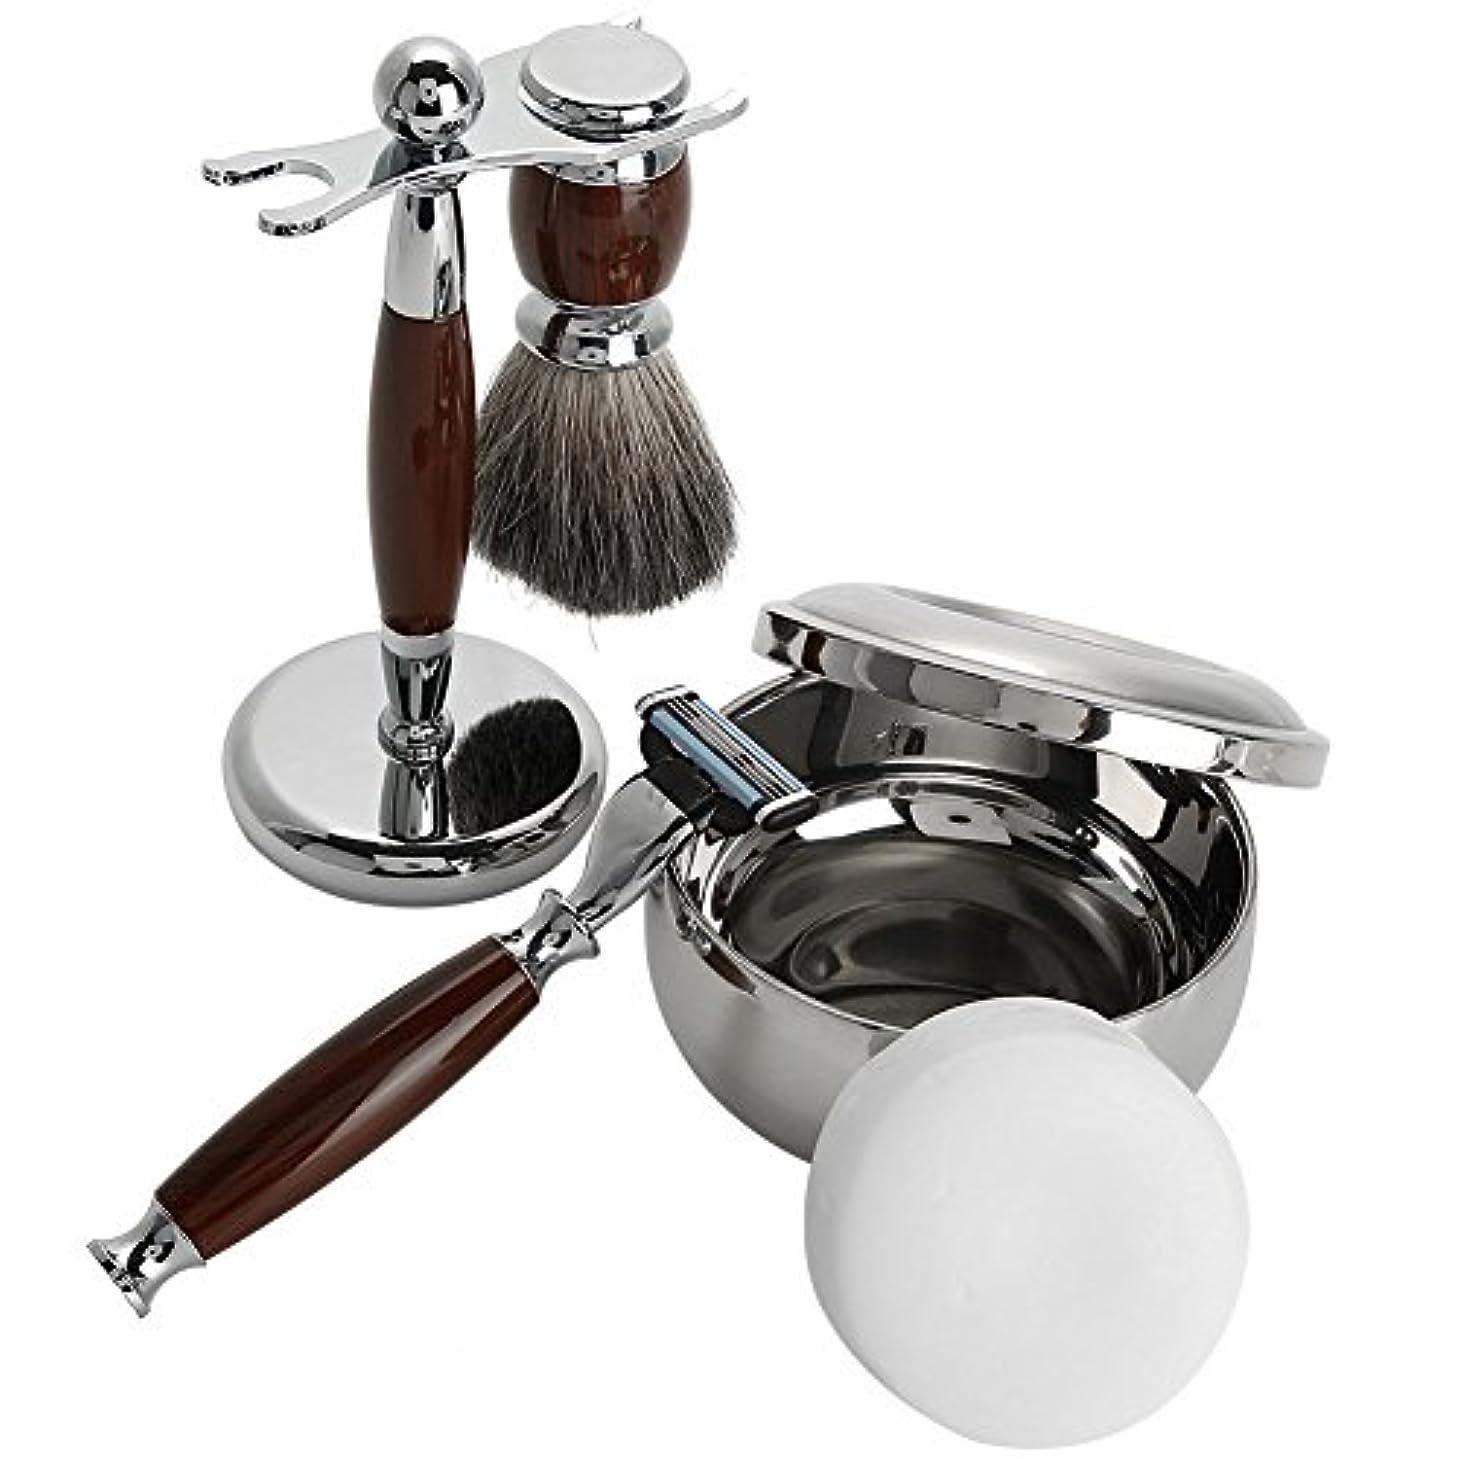 演劇コンセンサス劣る剃刀 -Dewin シェービングブラシセット、剃刀スタンド、石鹸ボウル、石鹸、洗顔ブラシ、髭剃り、泡立ち、メンズ